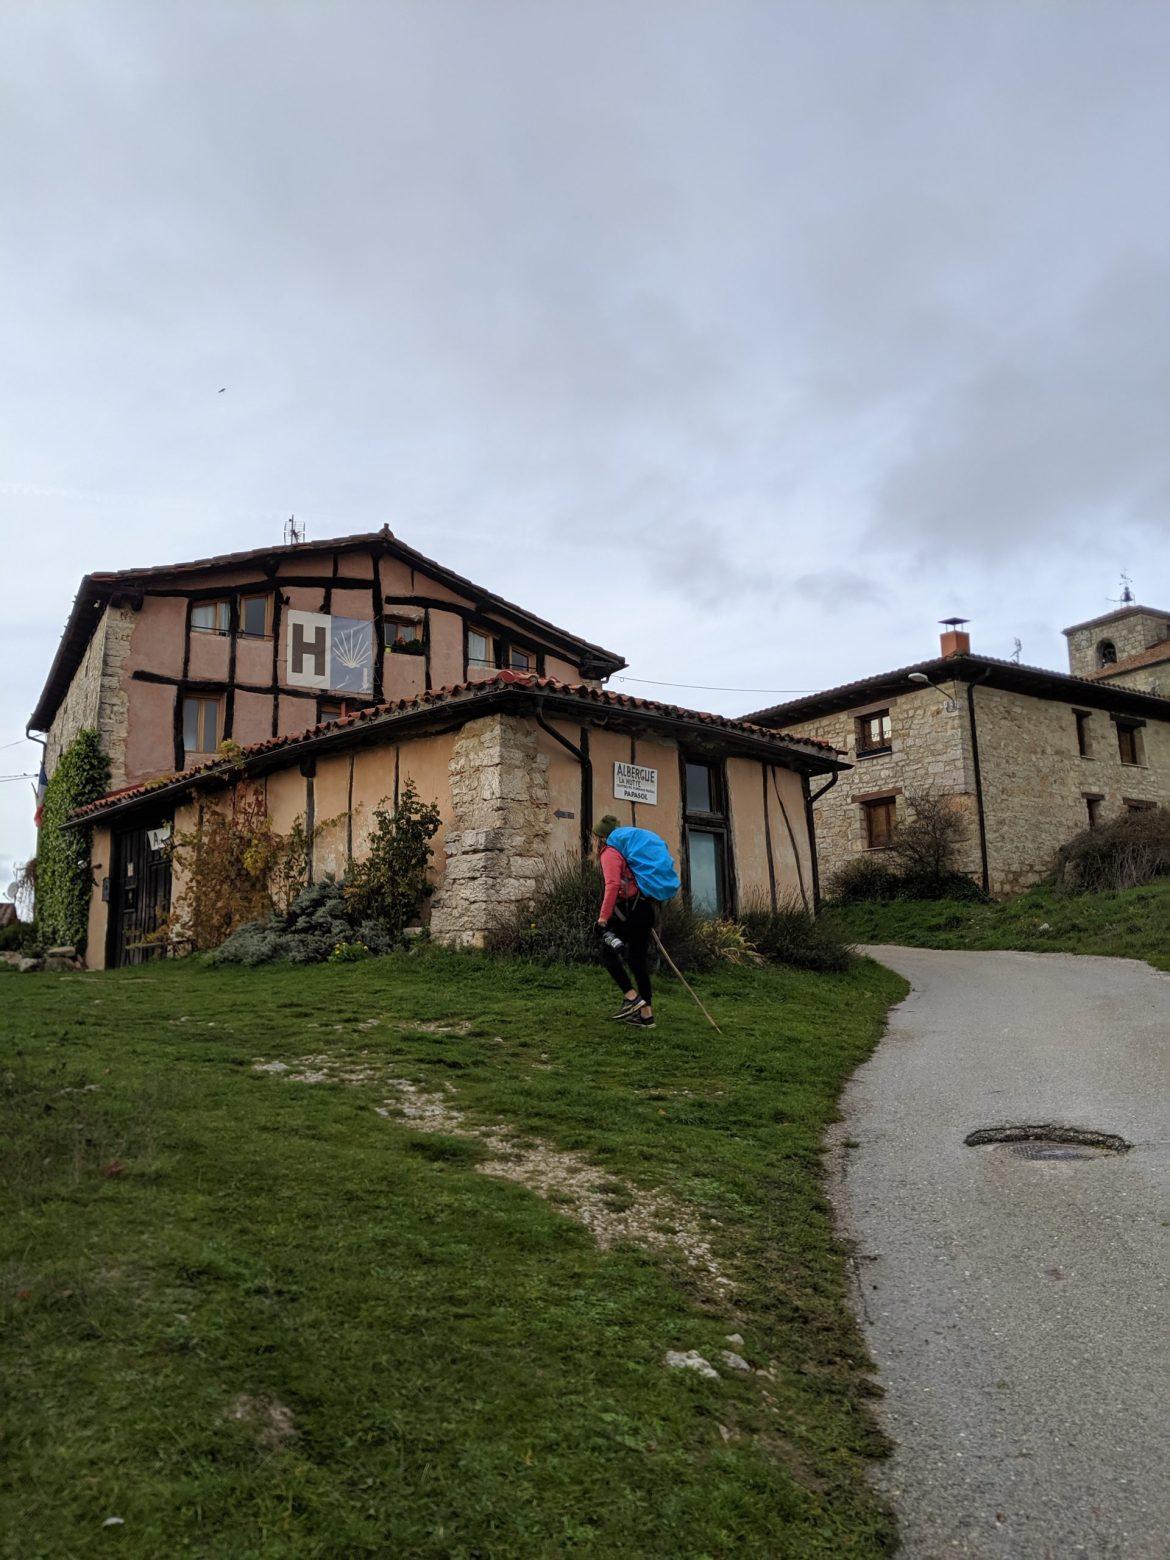 Camino IIIMG_20191111_151456